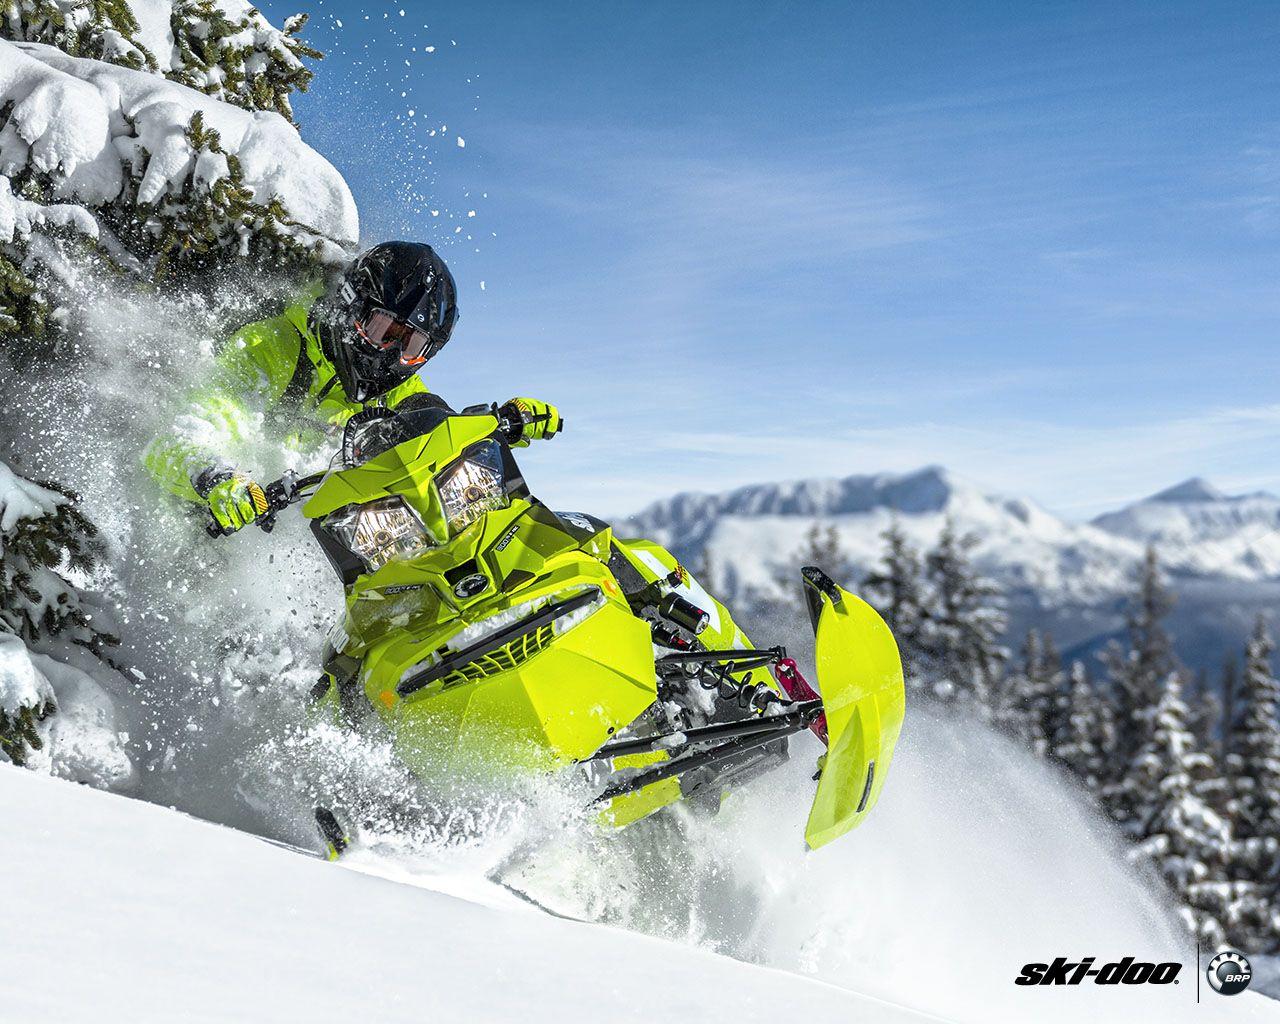 ski doo wallpaper wallpapersafari